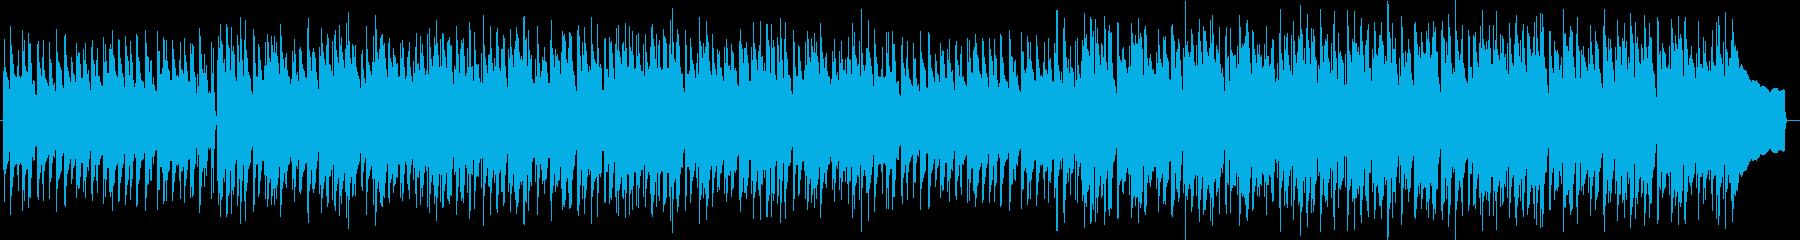 CMや海外でもお馴染みのポップなサウンドの再生済みの波形